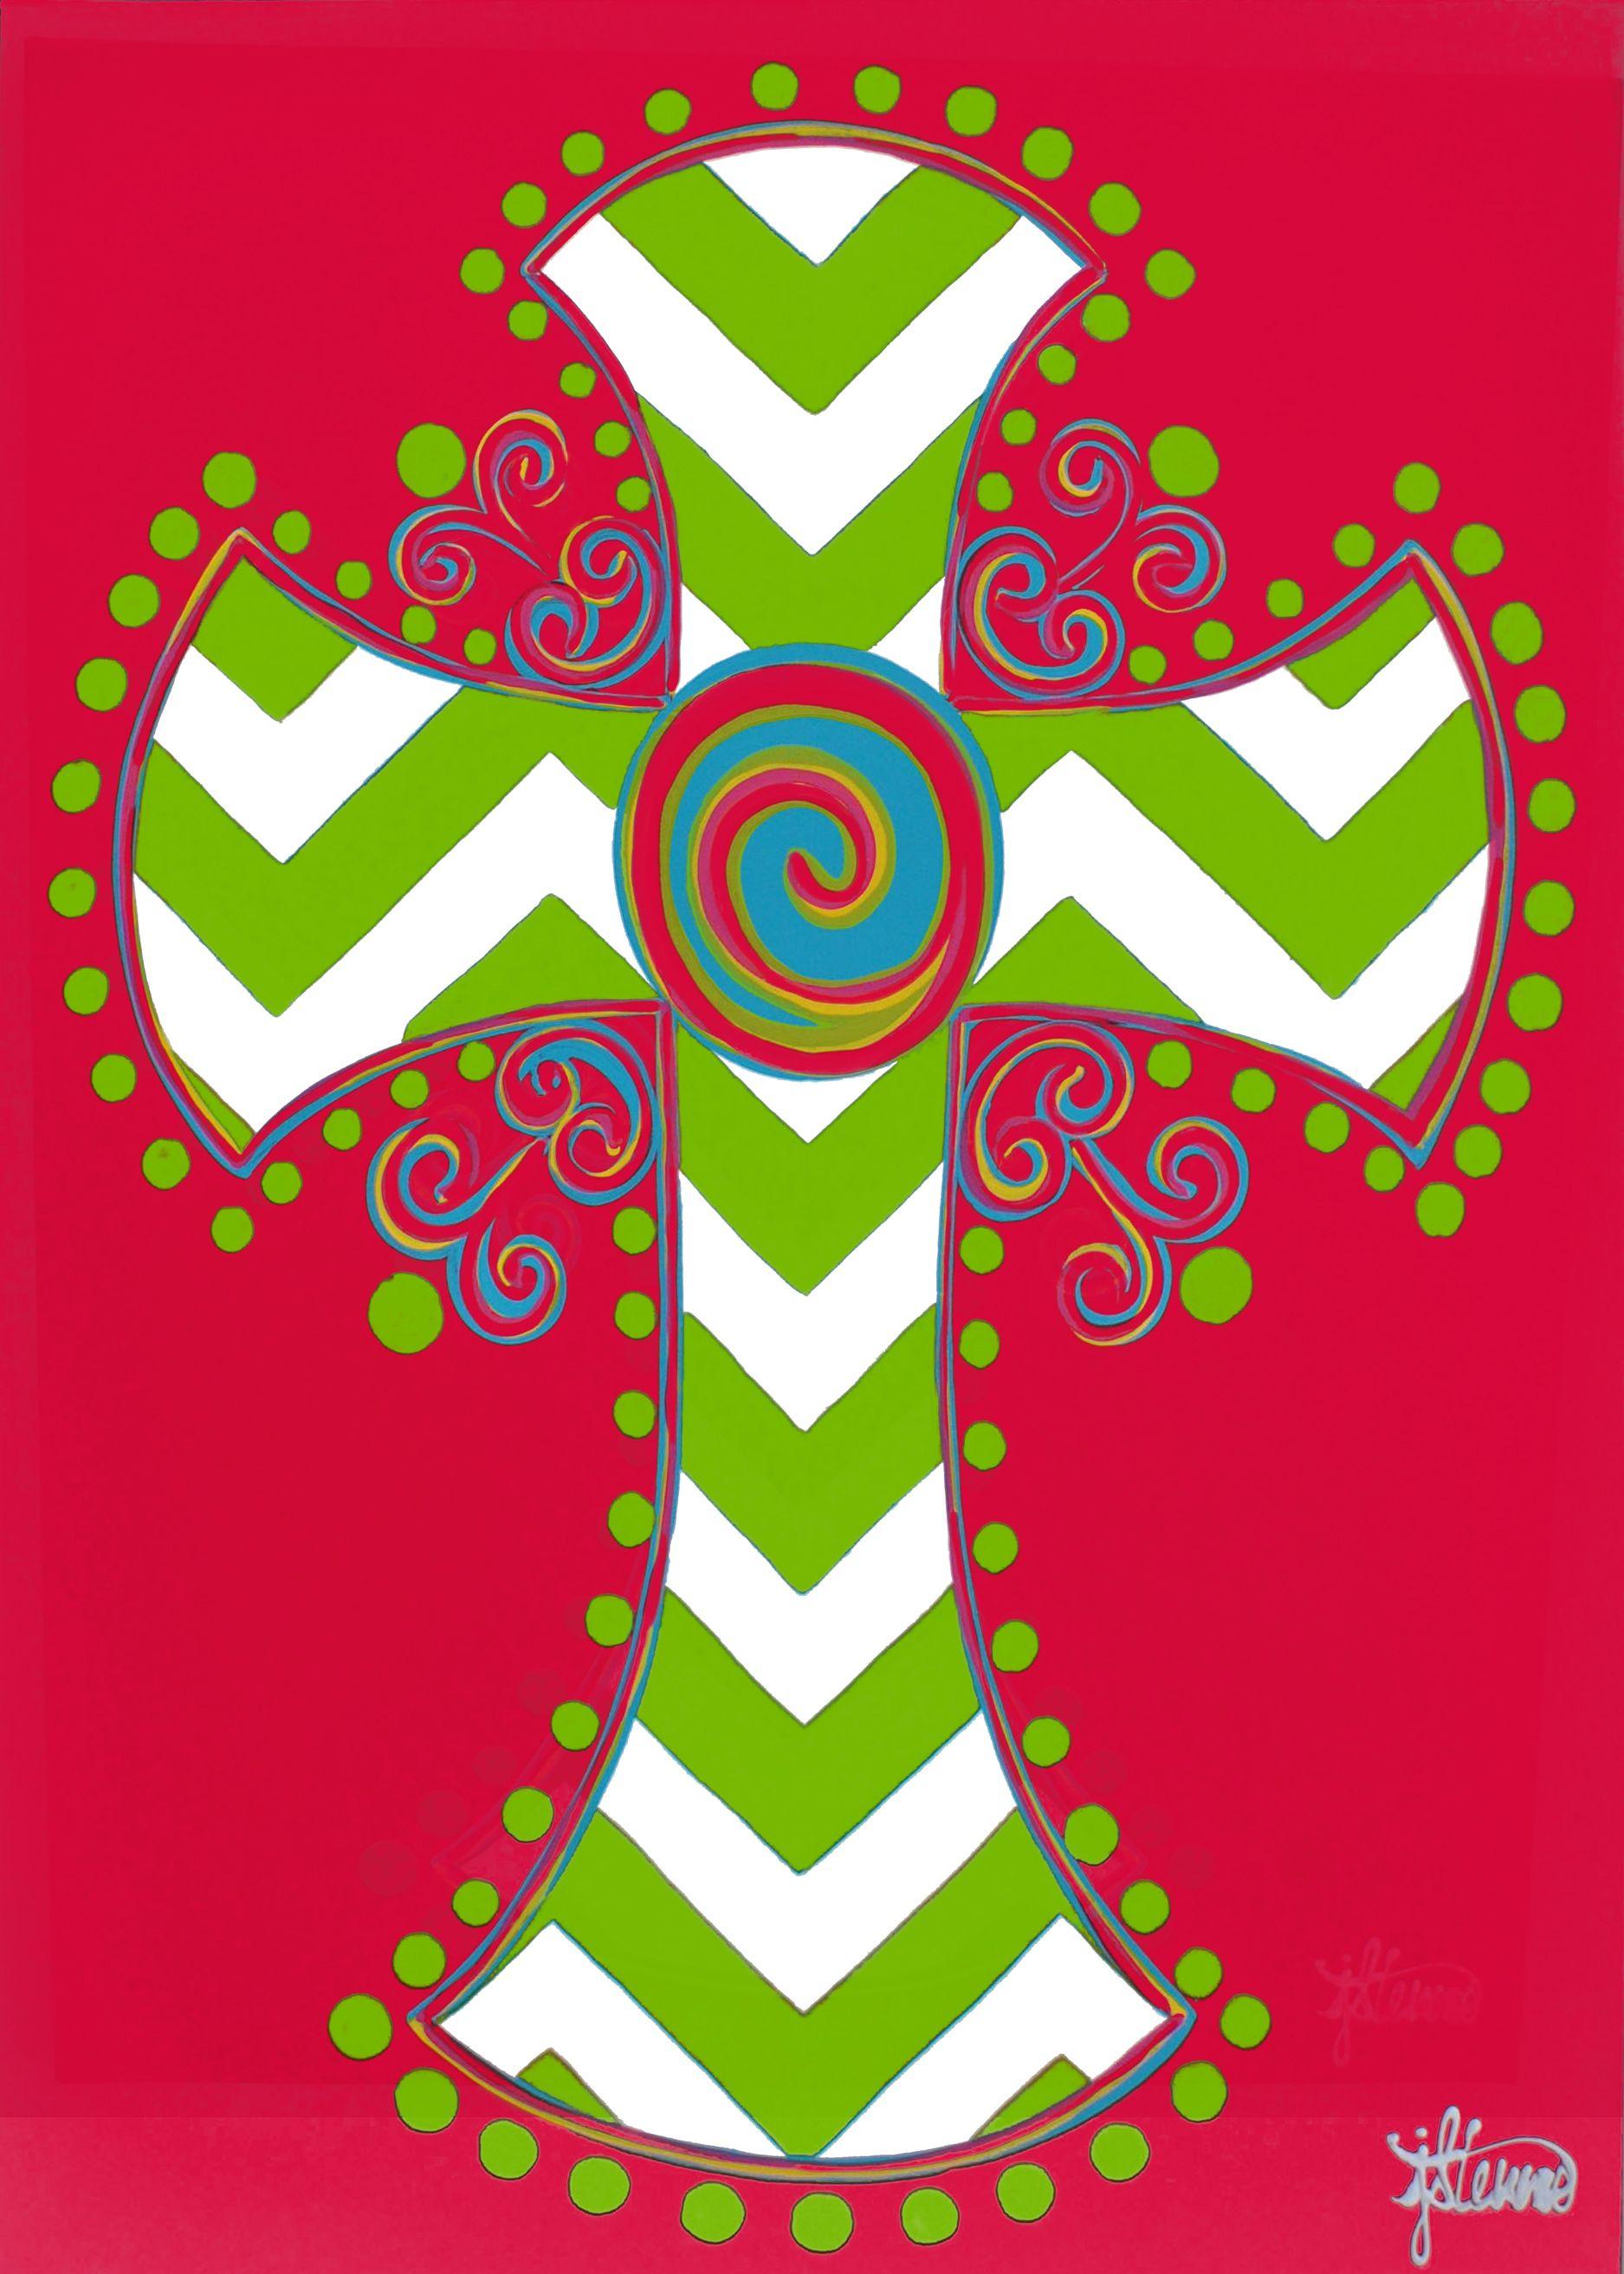 Custom Decor Flag - Chevron Cross Decorative Flag at Garden House ...